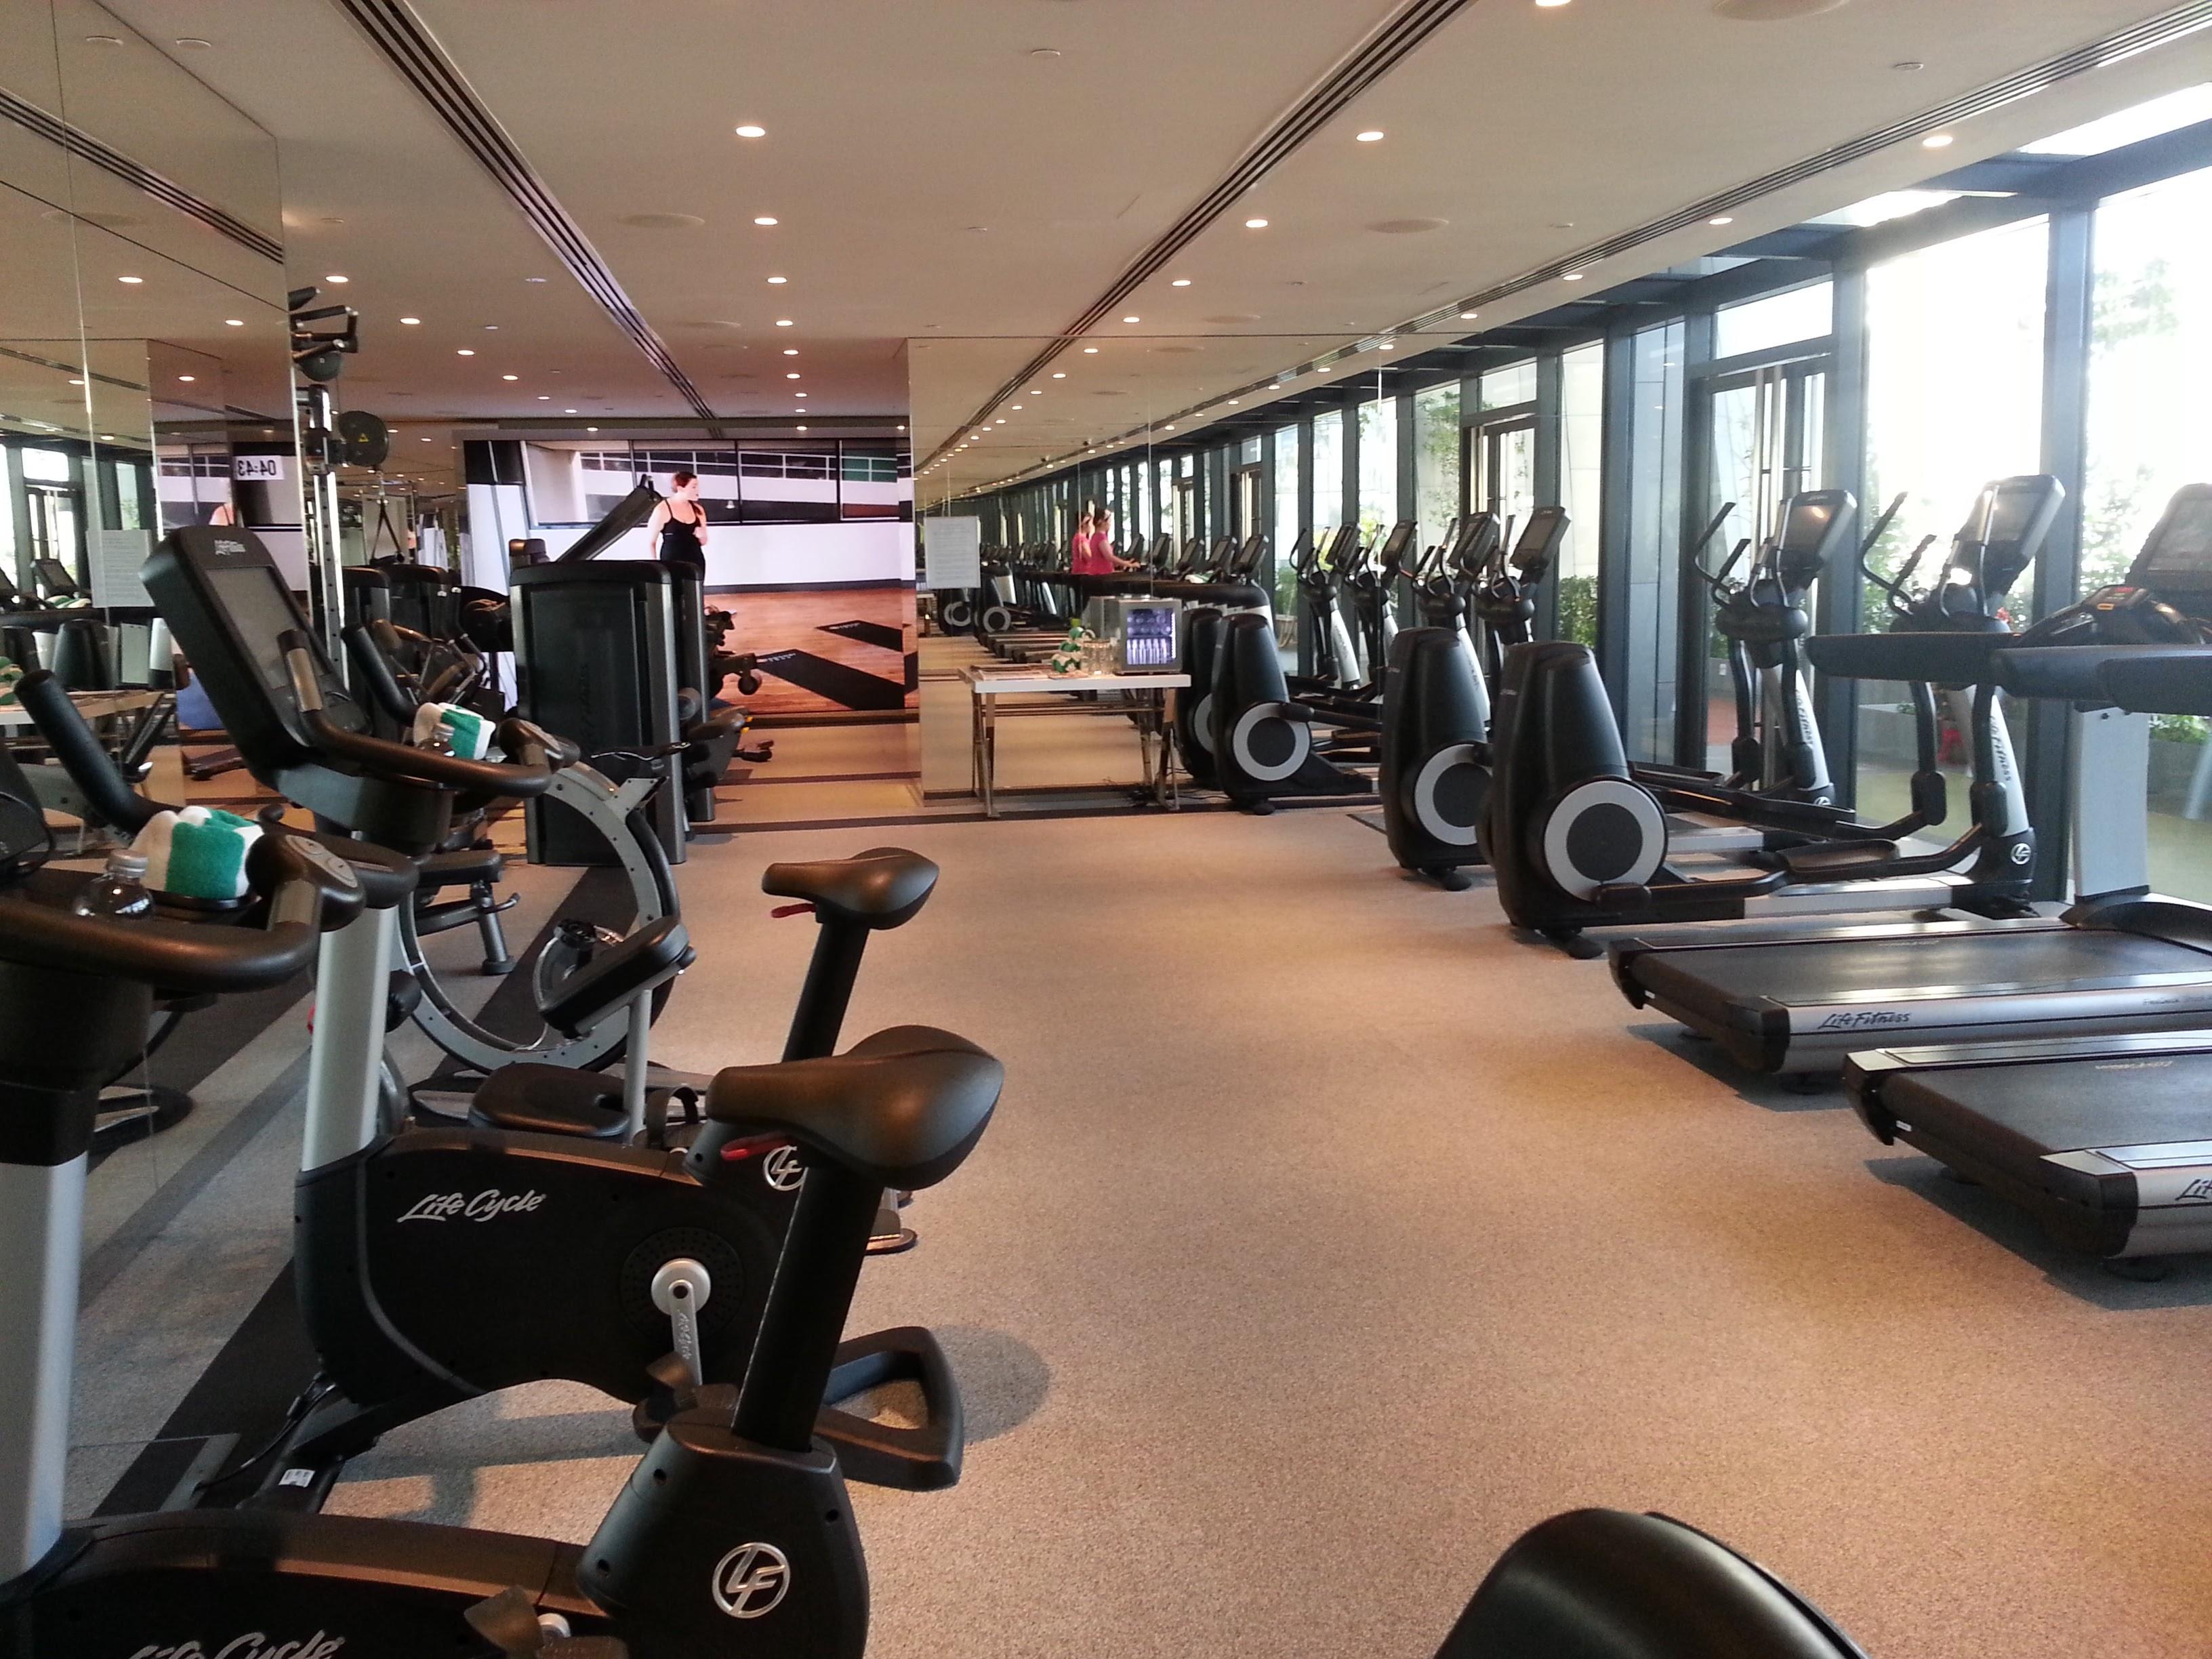 South Beach Singapore Hotel Gym 20160120_081448